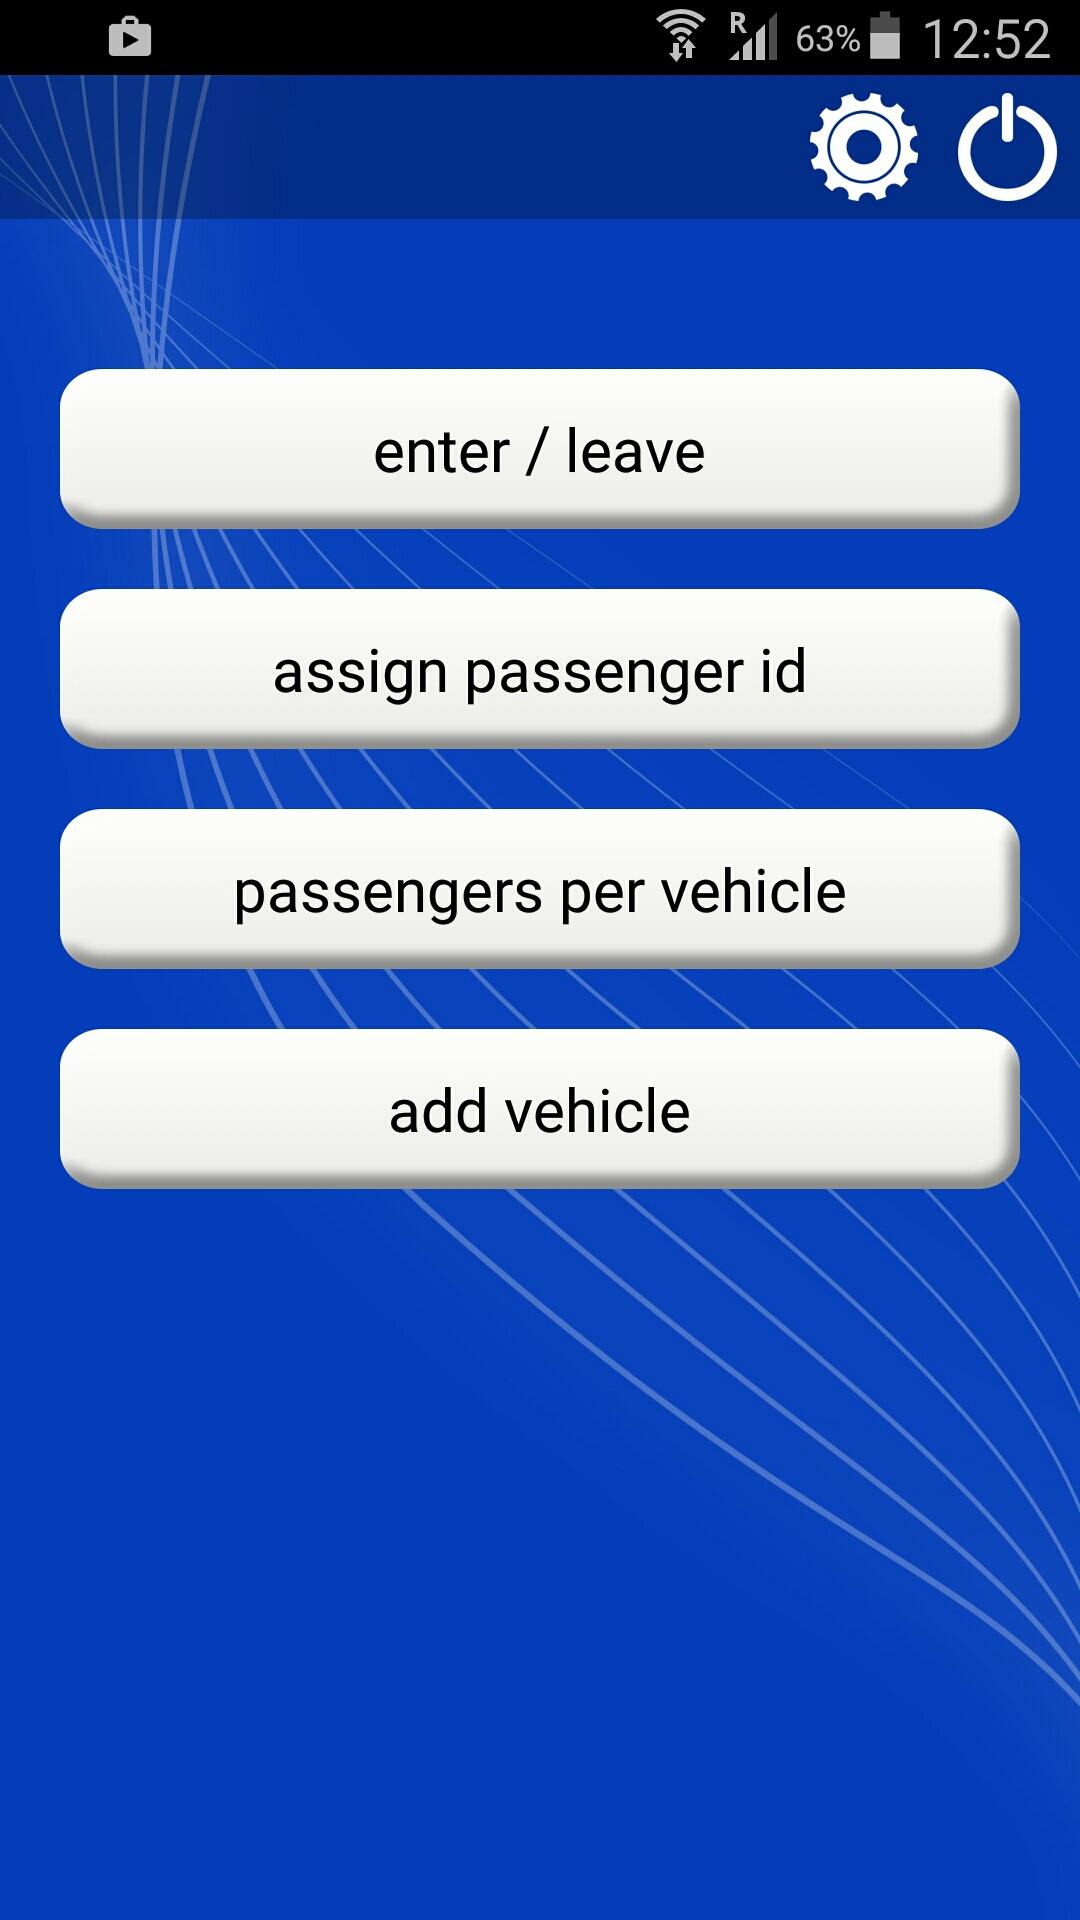 ginstr_app_busTransportationReport_EN_2